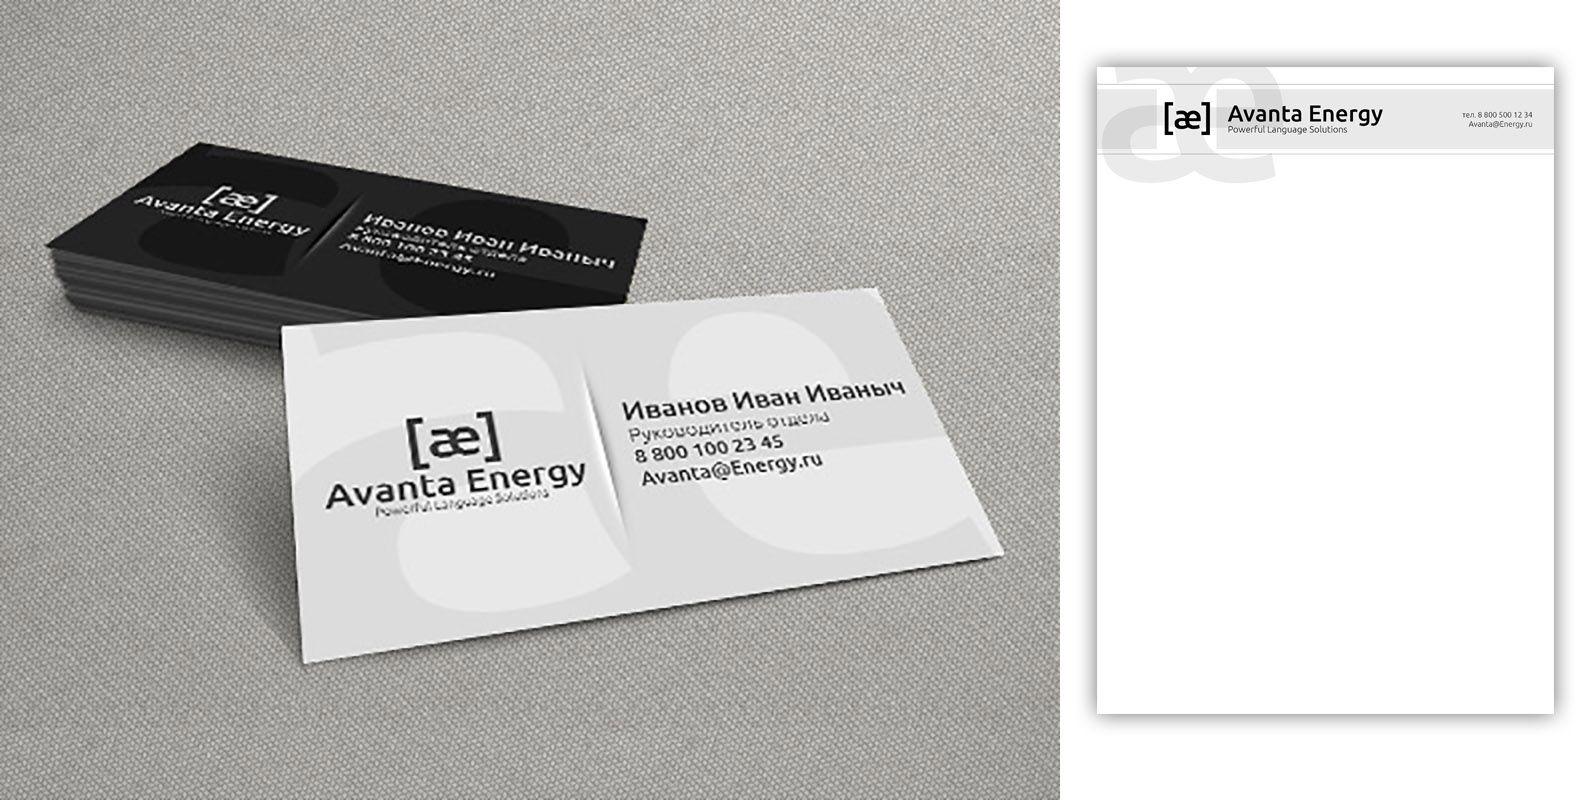 Фирмстиль + лого для переводческой компании - дизайнер FonDrakes